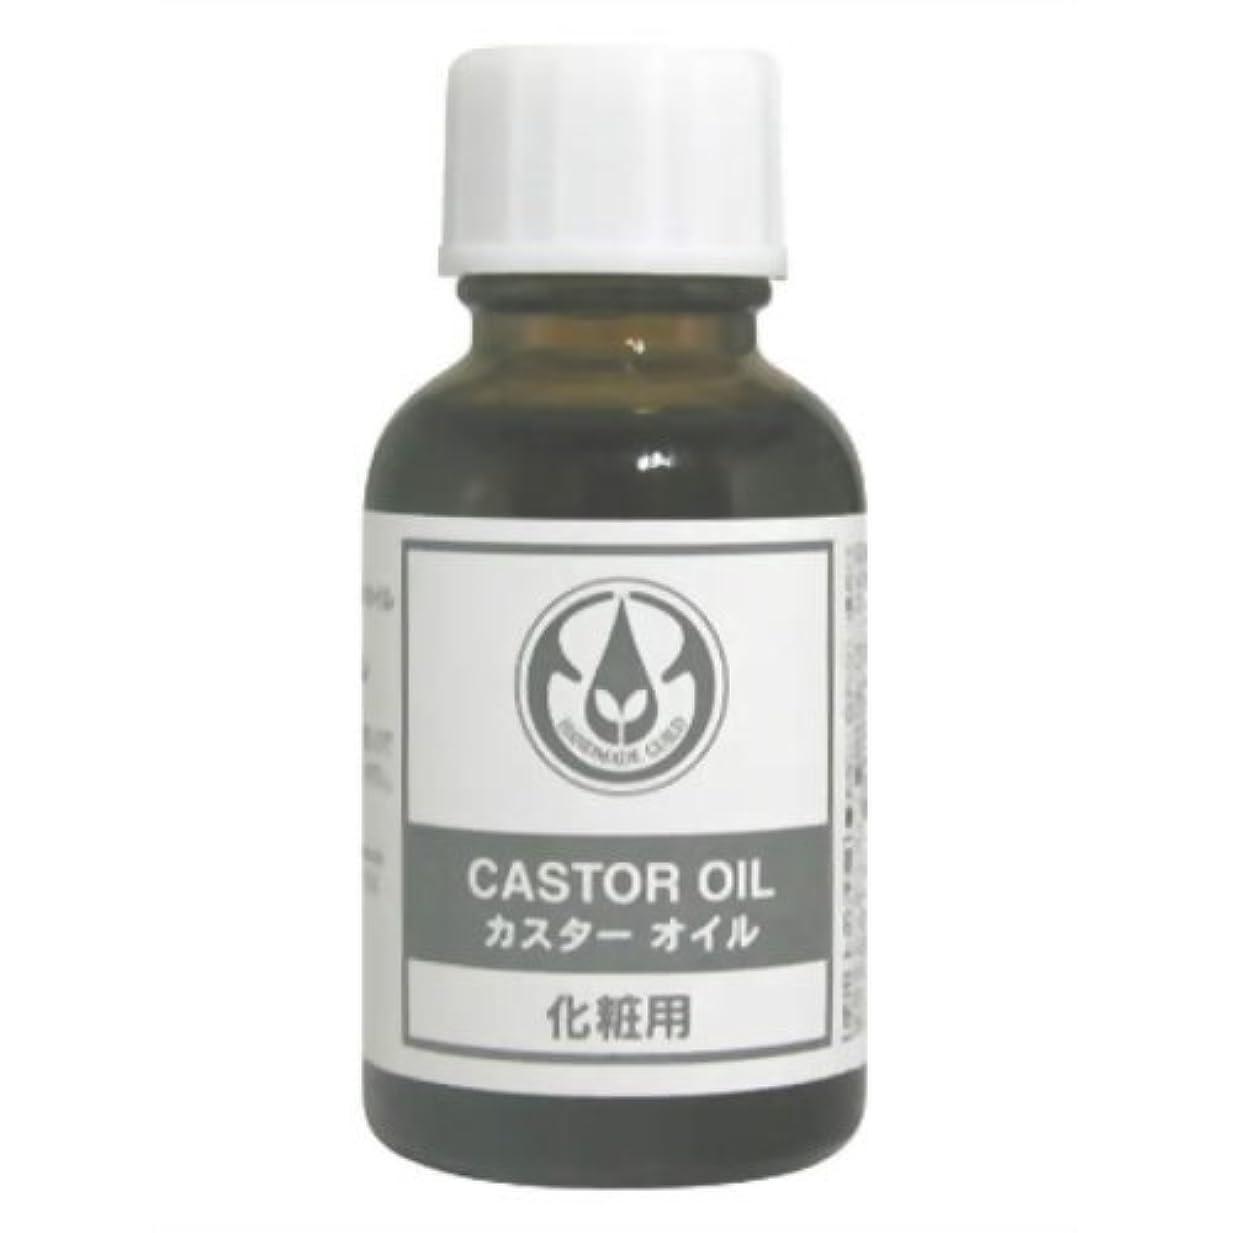 コーヒー放射能誠実生活の木 カスターオイル 25ml